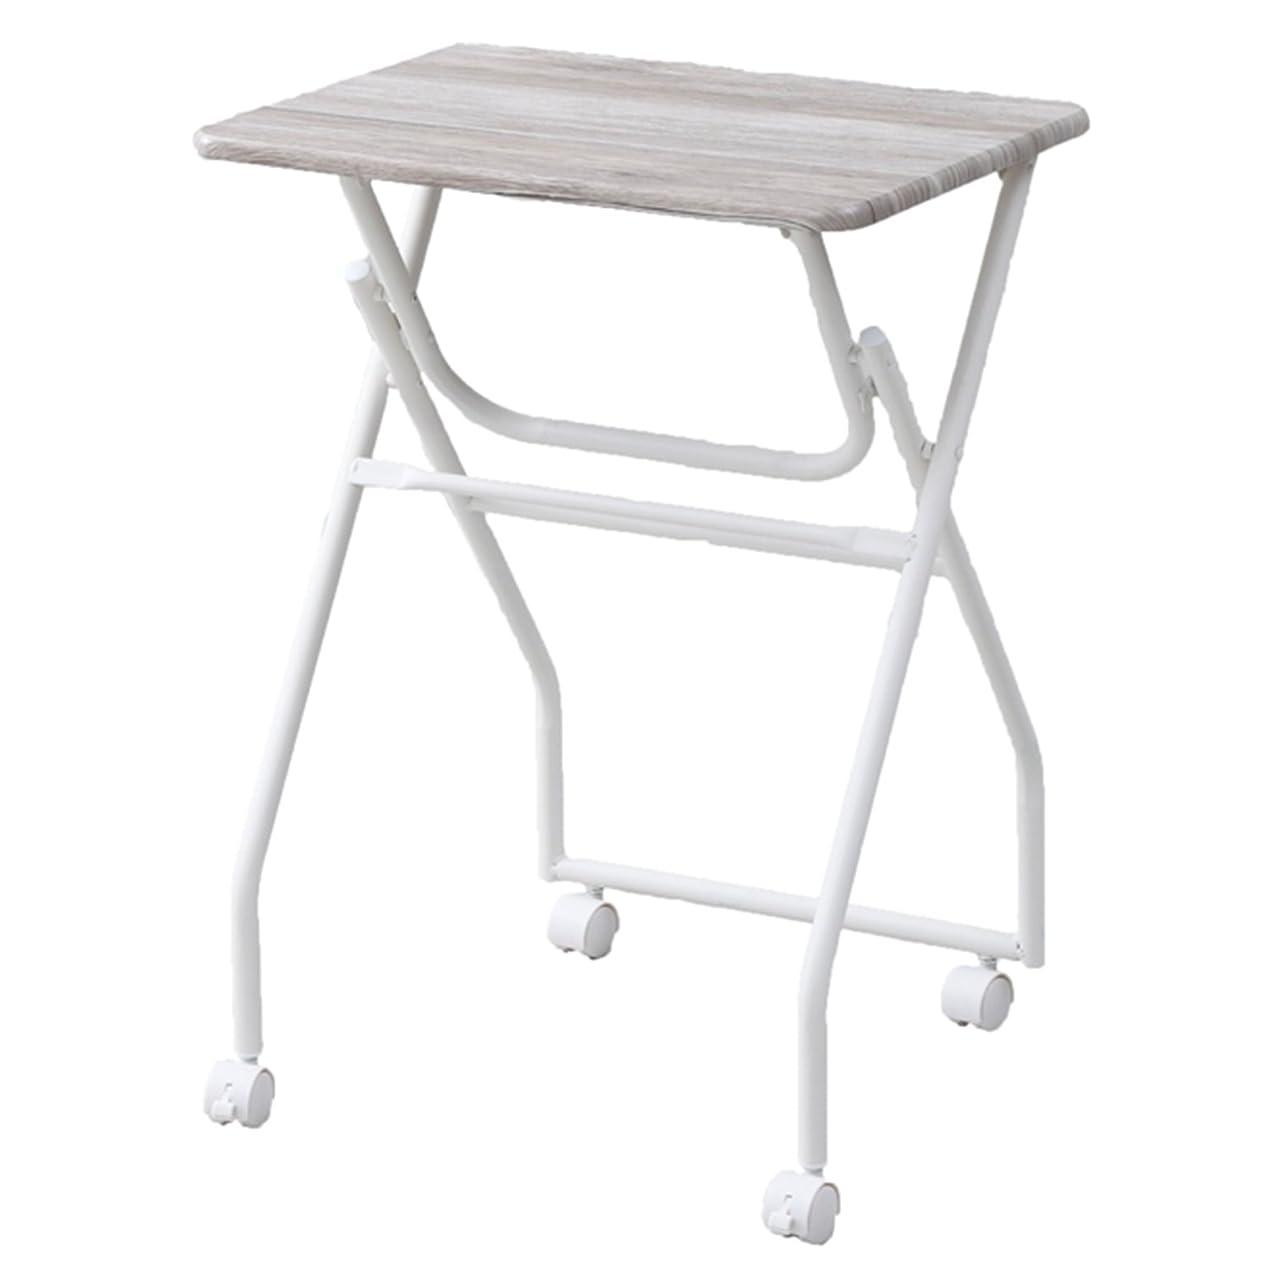 ものトーストピル山善(YAMAZEN) テーブル ミニ 簡単組み立て 折りたたみ式 キャスター付き サイドテーブル 幅50×奥行44×高さ70.5cm アンティークホワイト MST-5040(AIV/SWH)